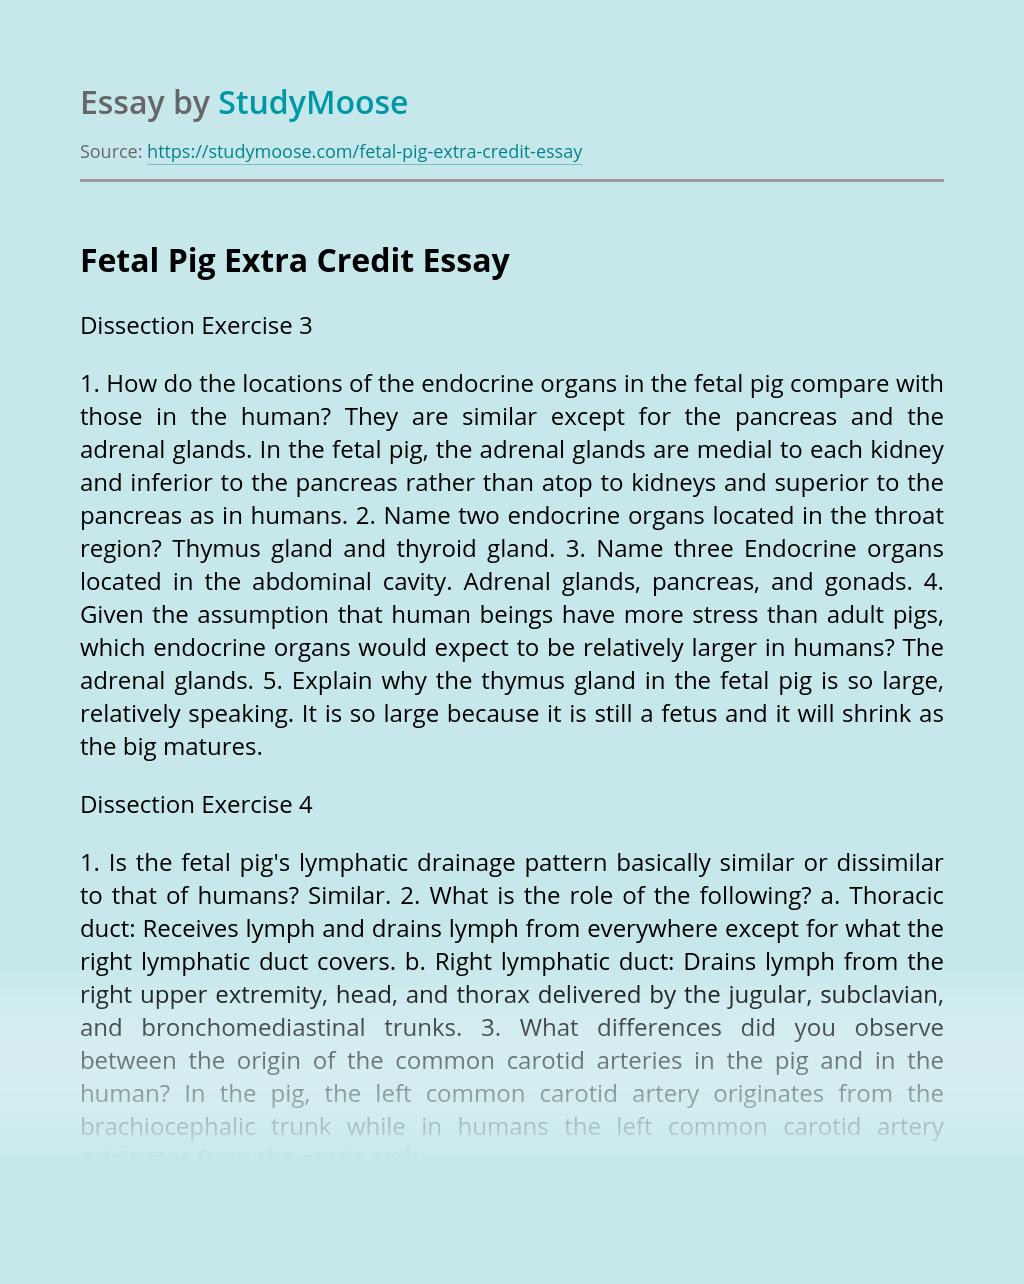 Fetal Pig Extra Credit